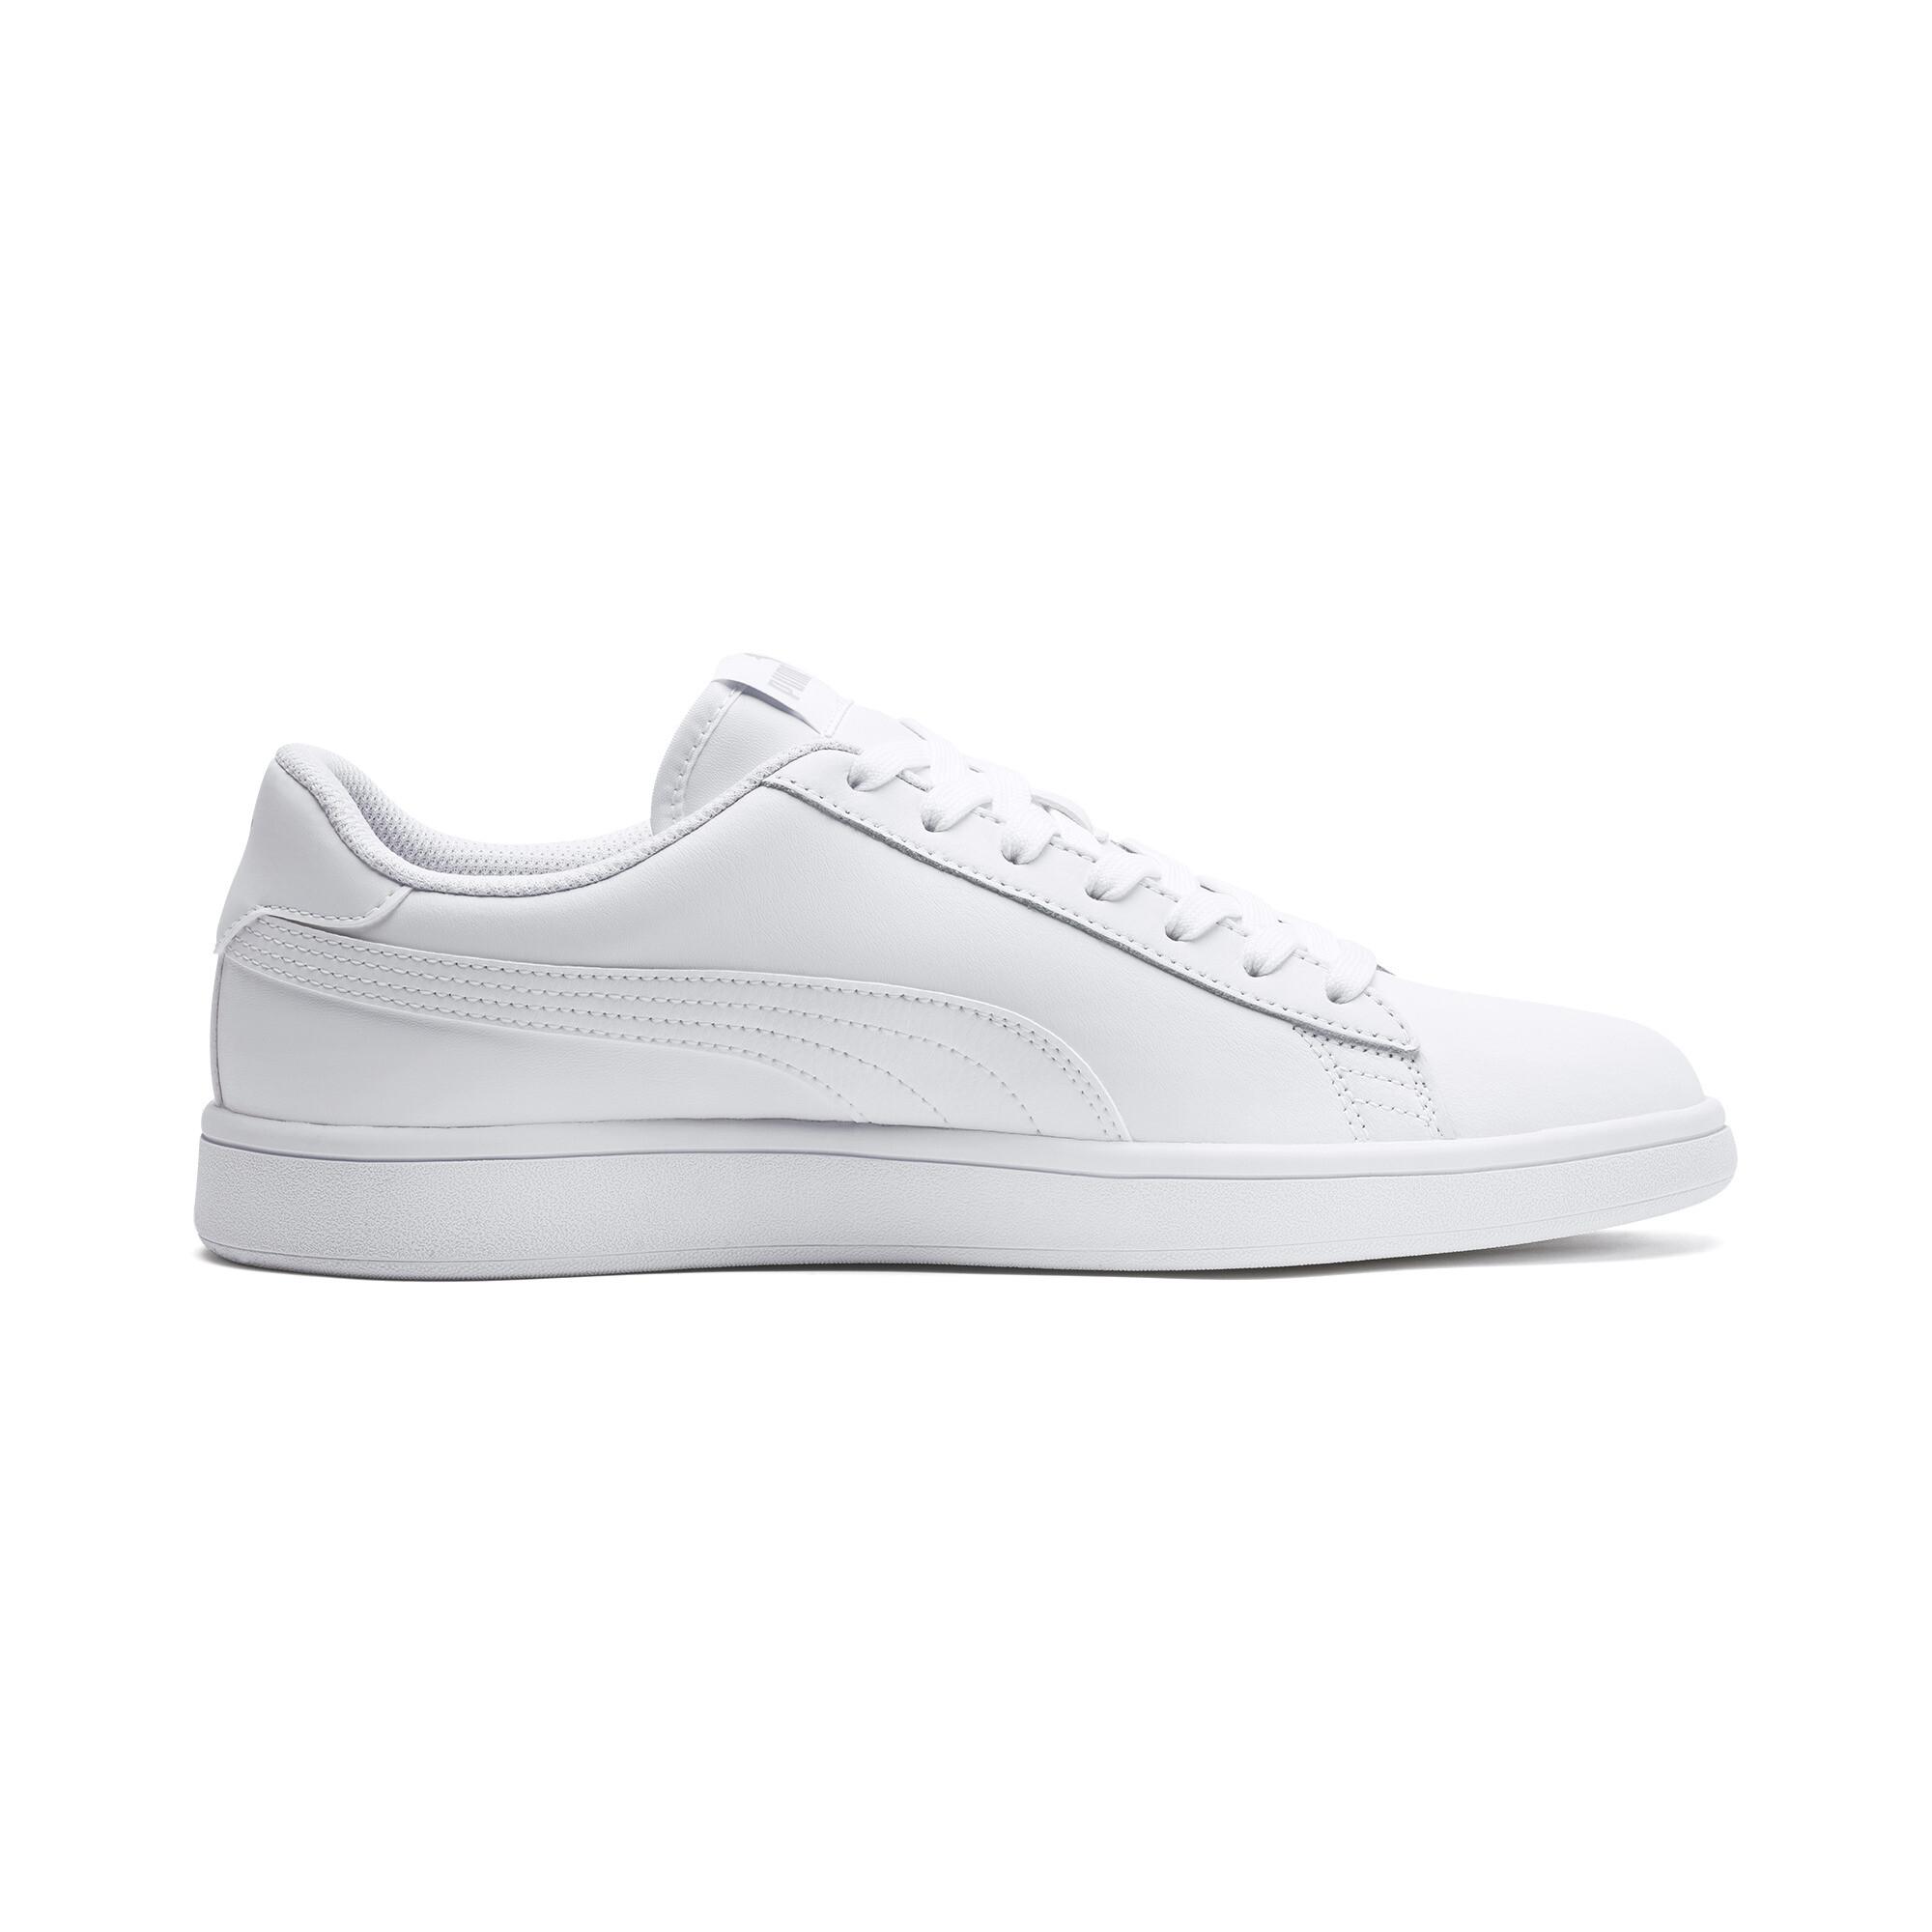 PUMA-PUMA-Smash-v2-Men-039-s-Sneakers-Men-Shoe-Basics thumbnail 31